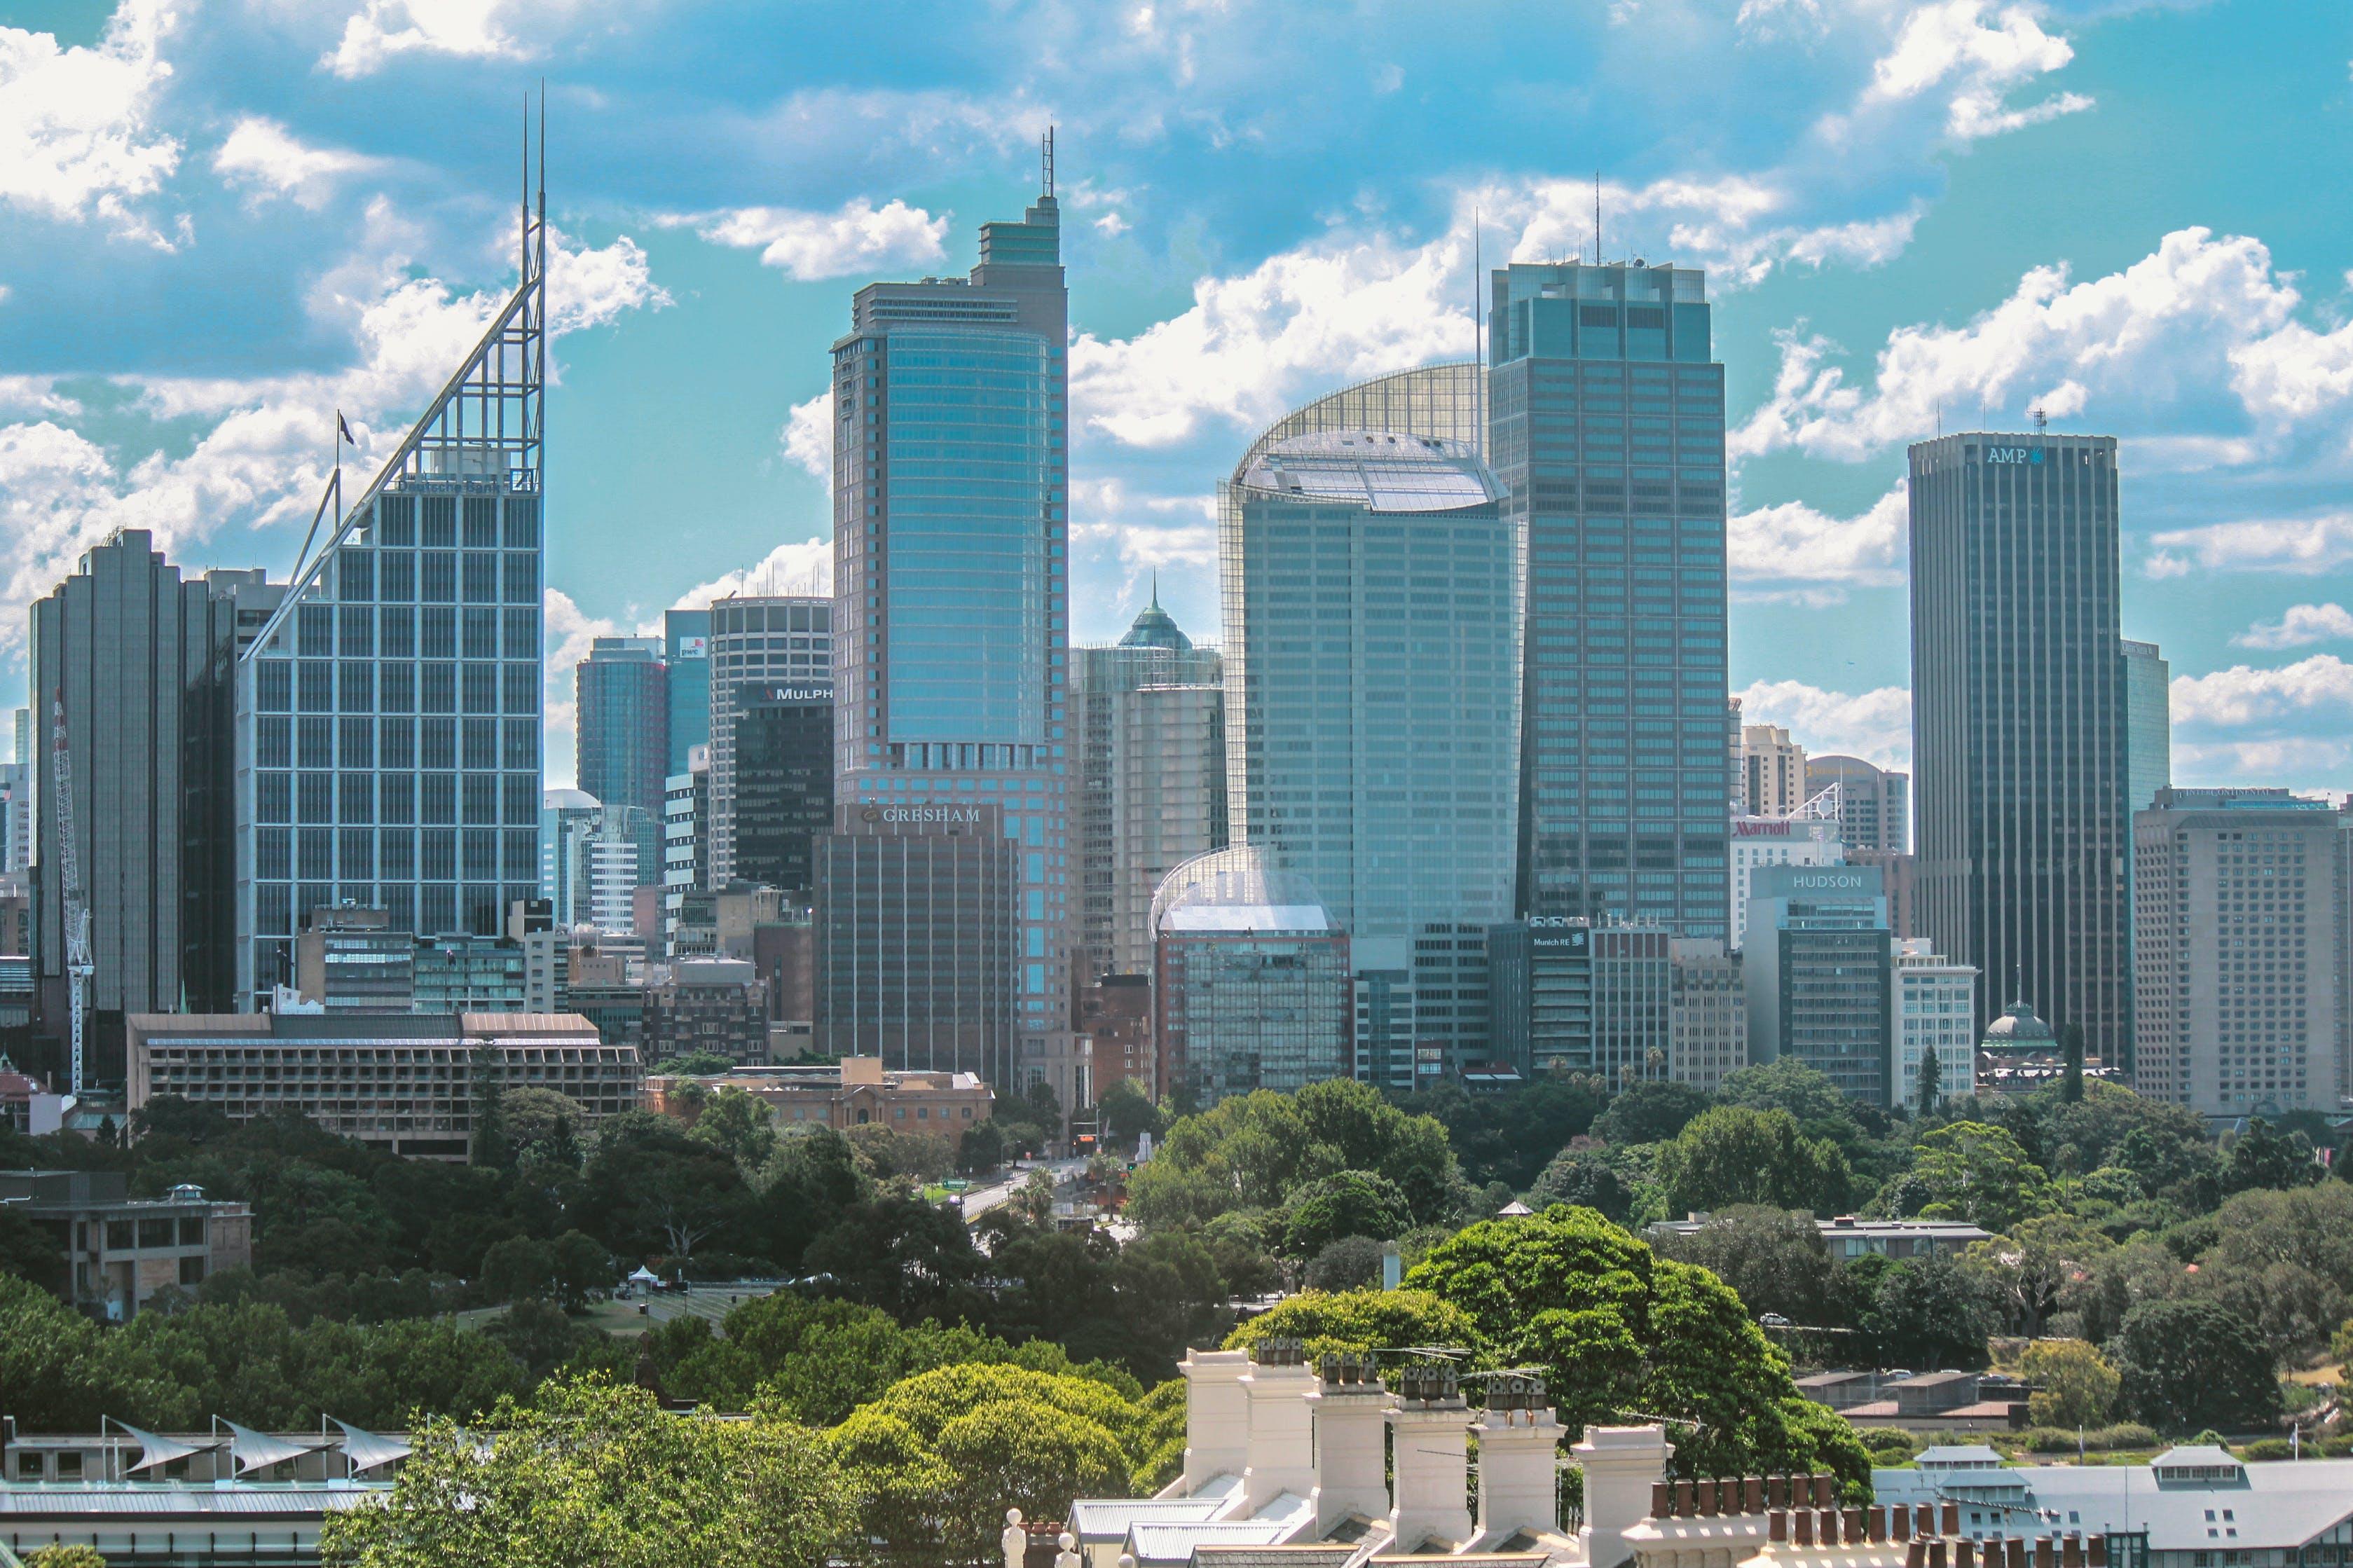 Δωρεάν στοκ φωτογραφιών με αρχιτεκτονική, αστικός, Αυστραλία, γραμμή ορίζοντα